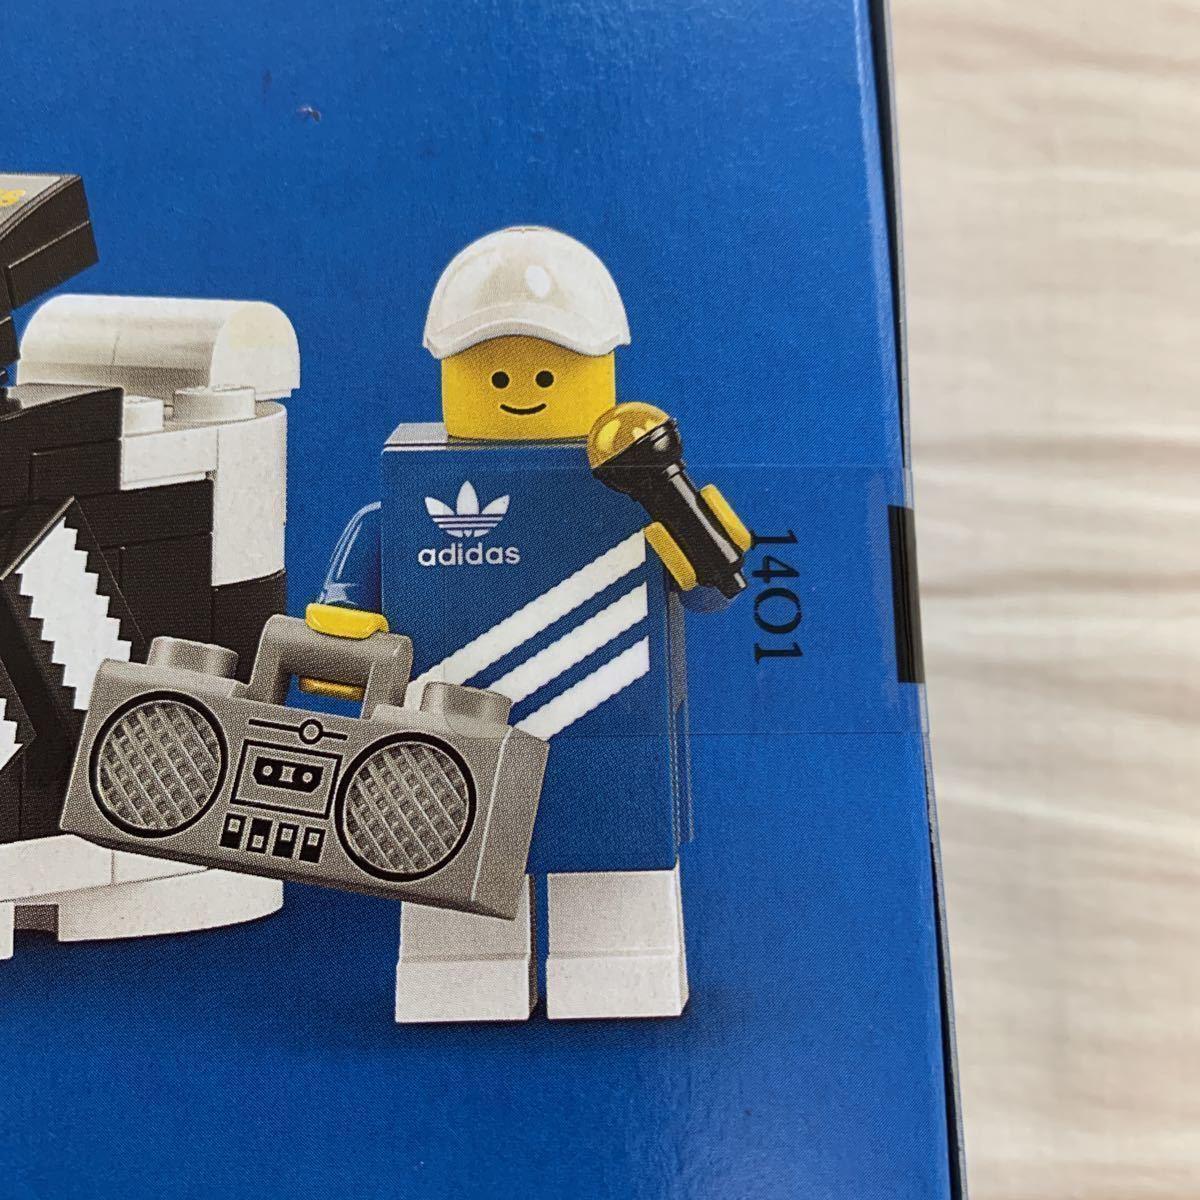 LEGO 40489 非売品 adidas アディダス ミニフィグ_画像4